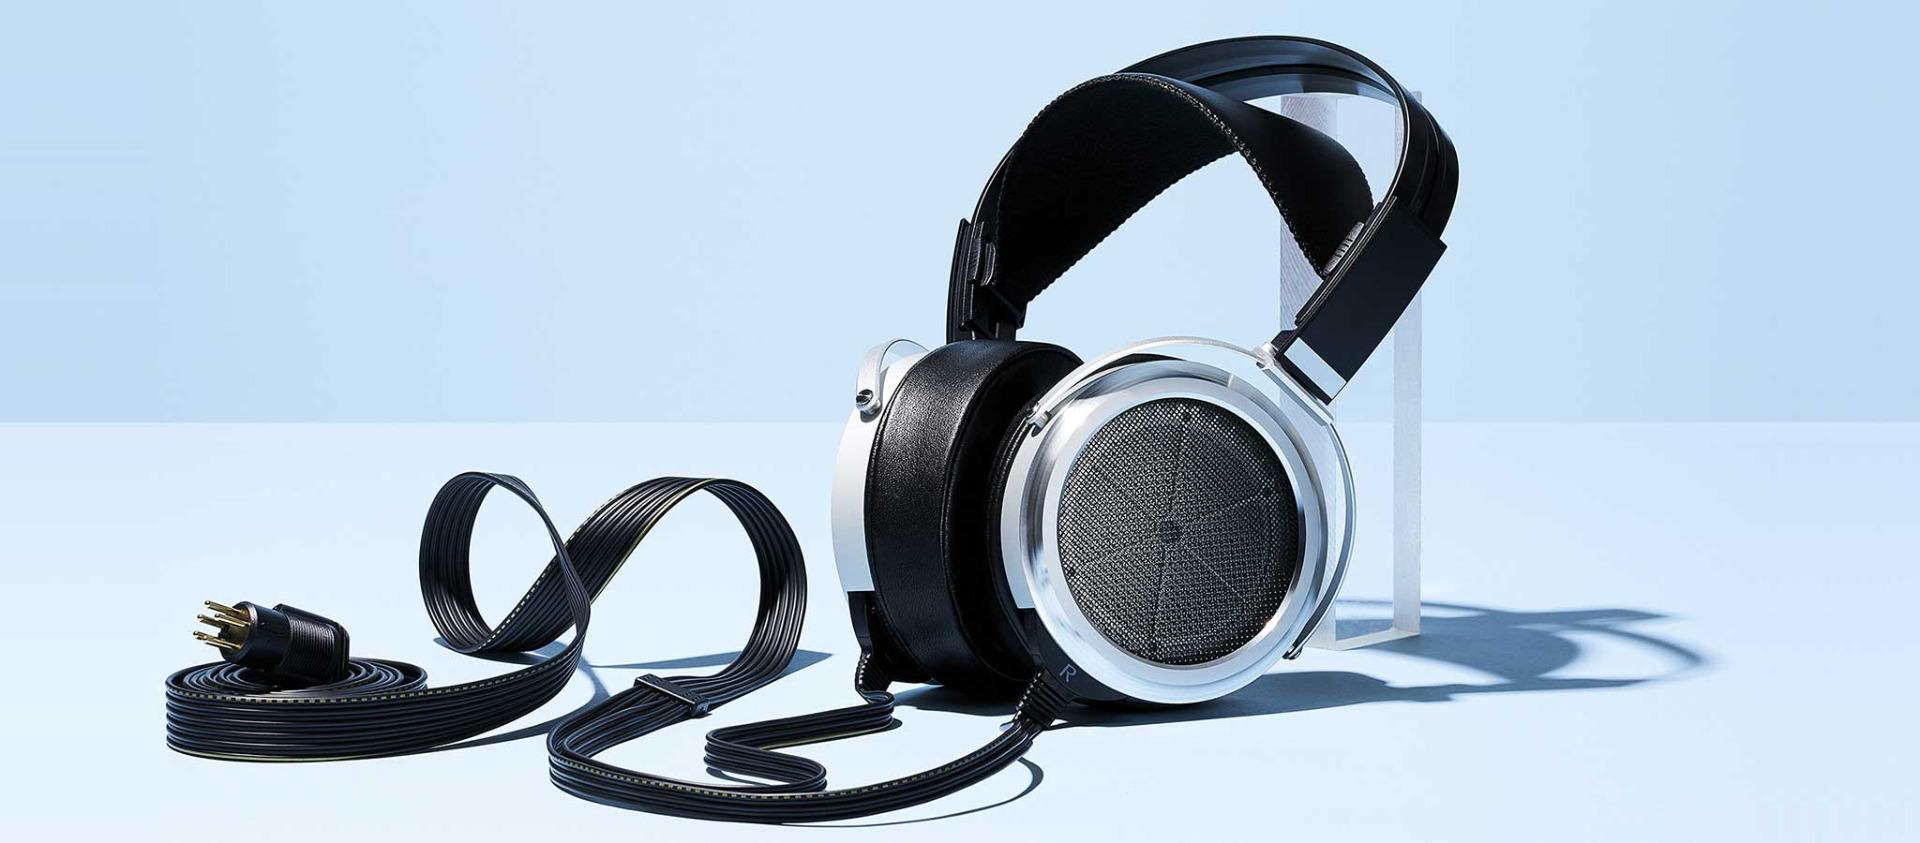 EARSPEAKERS SR-009S